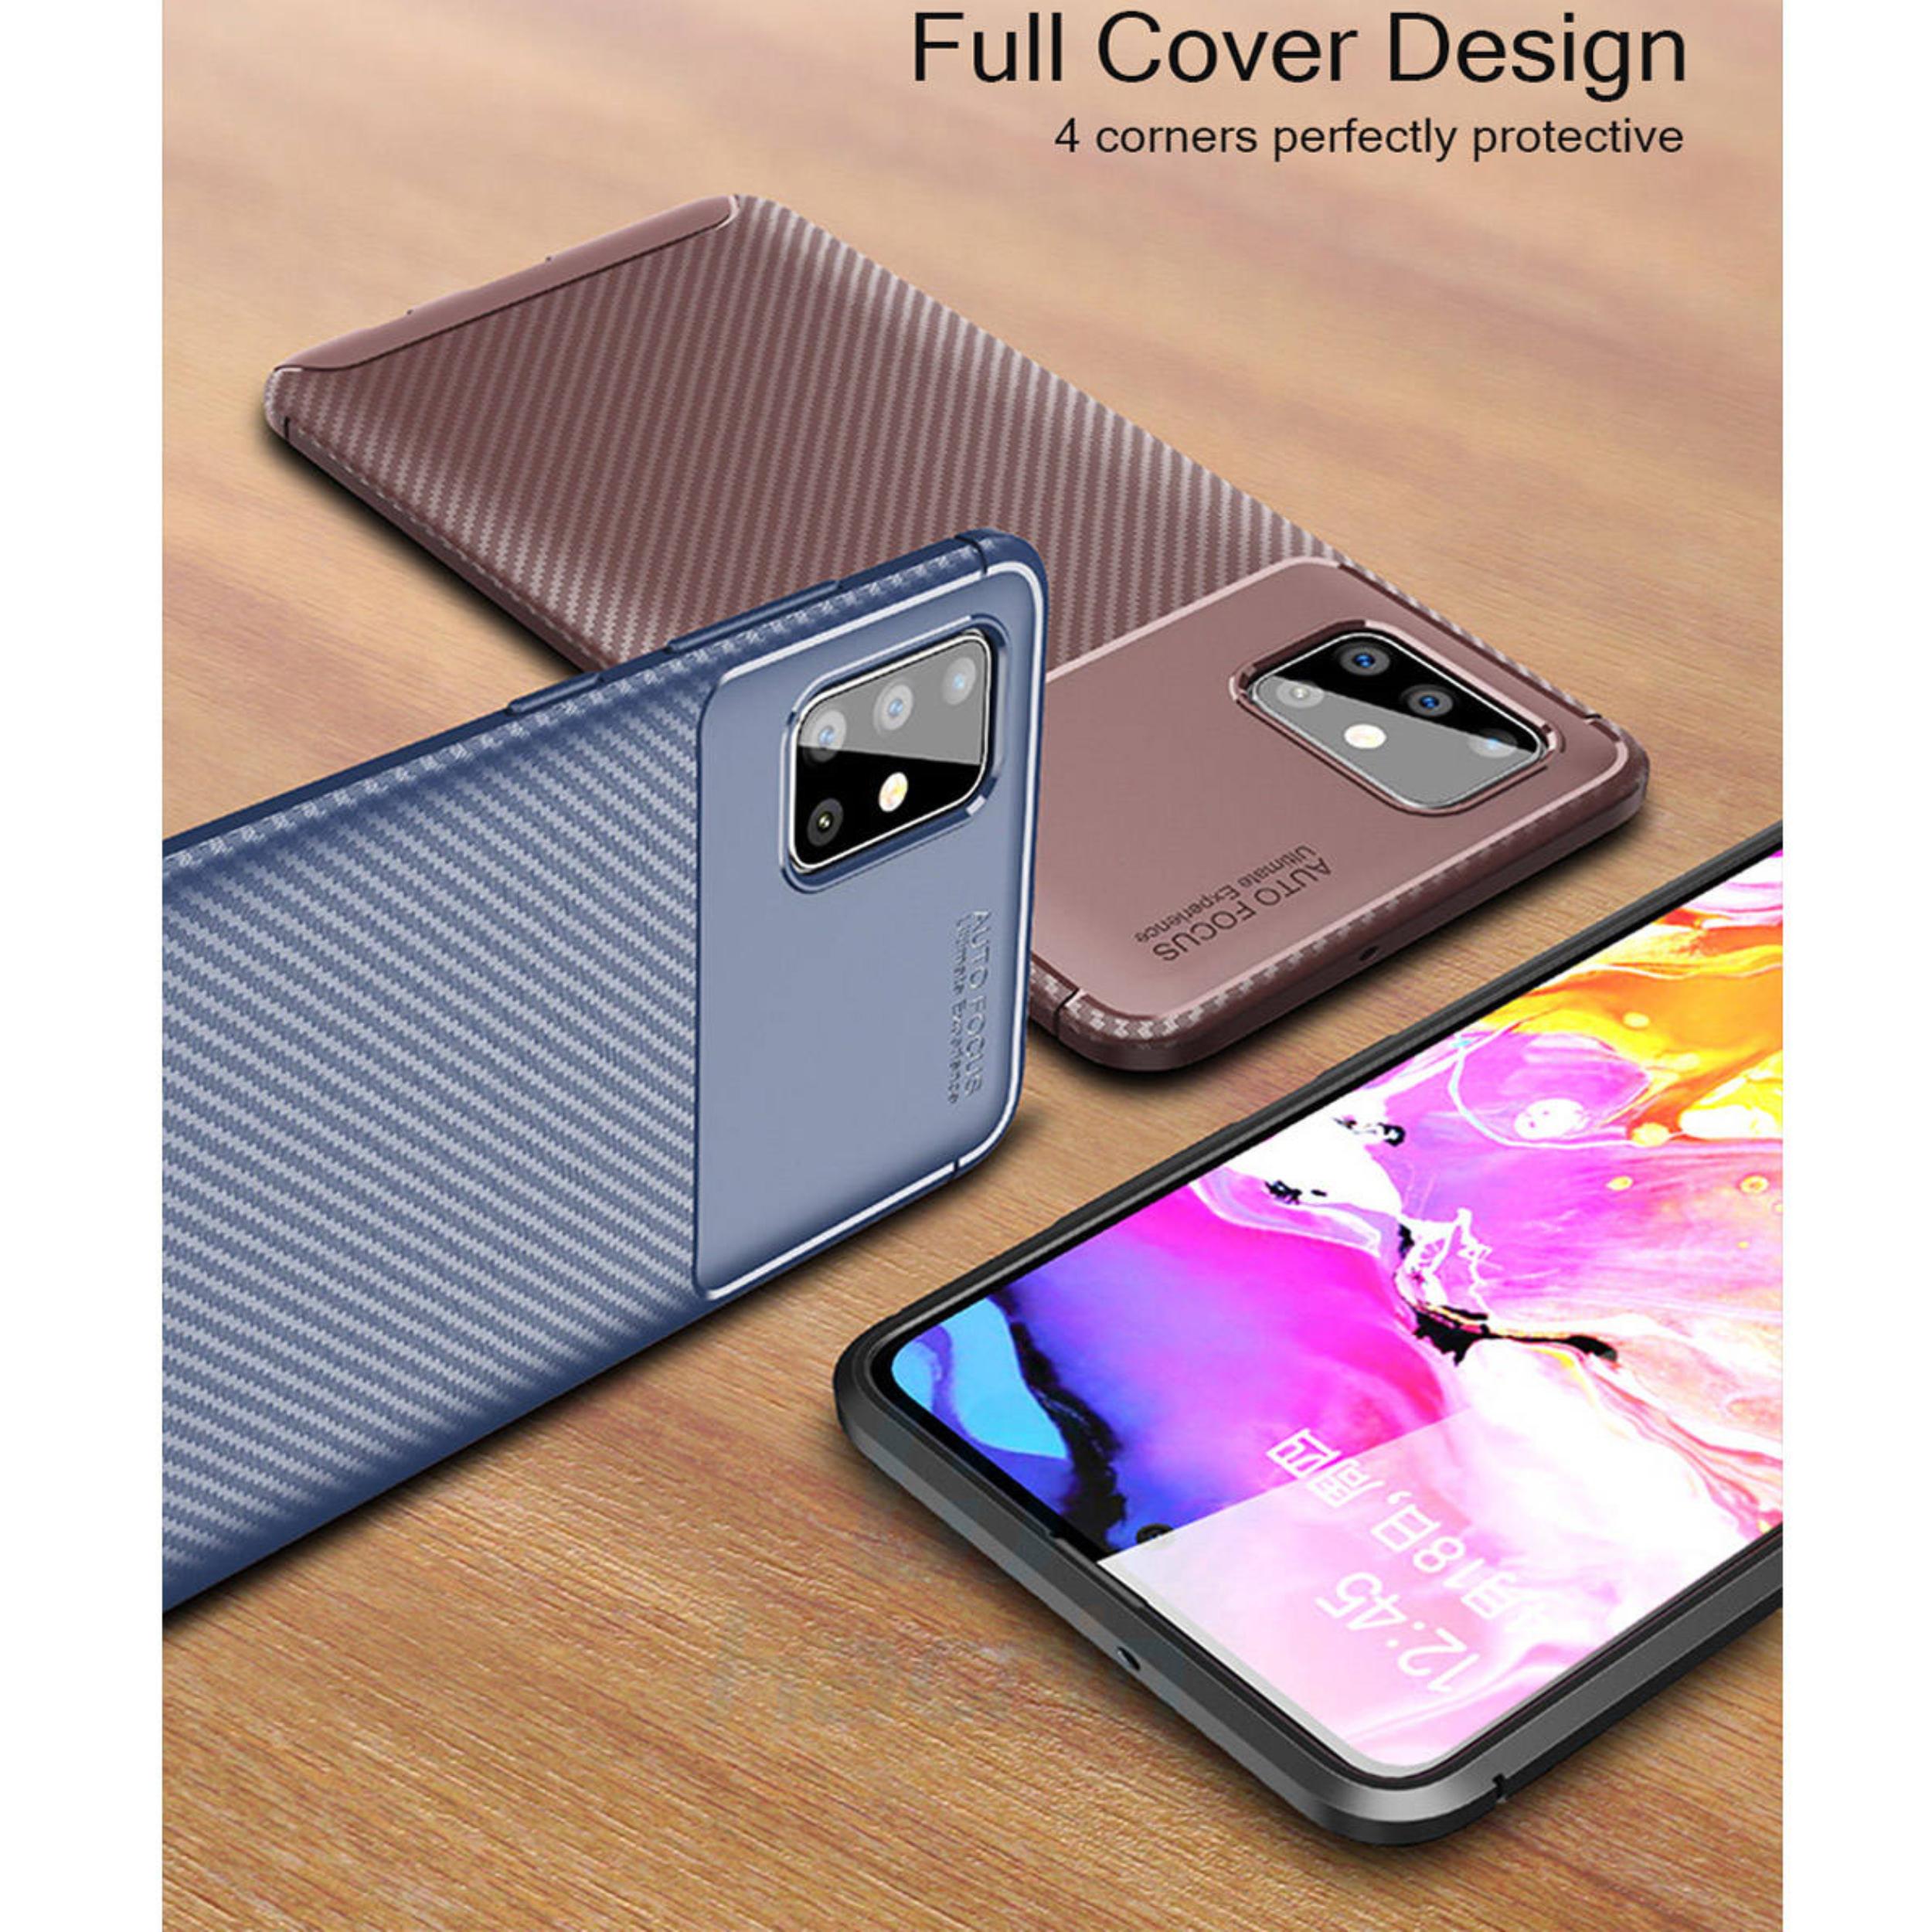 کاور لاین کینگ مدل A21 مناسب برای گوشی موبایل سامسونگ Galaxy A51 thumb 2 4